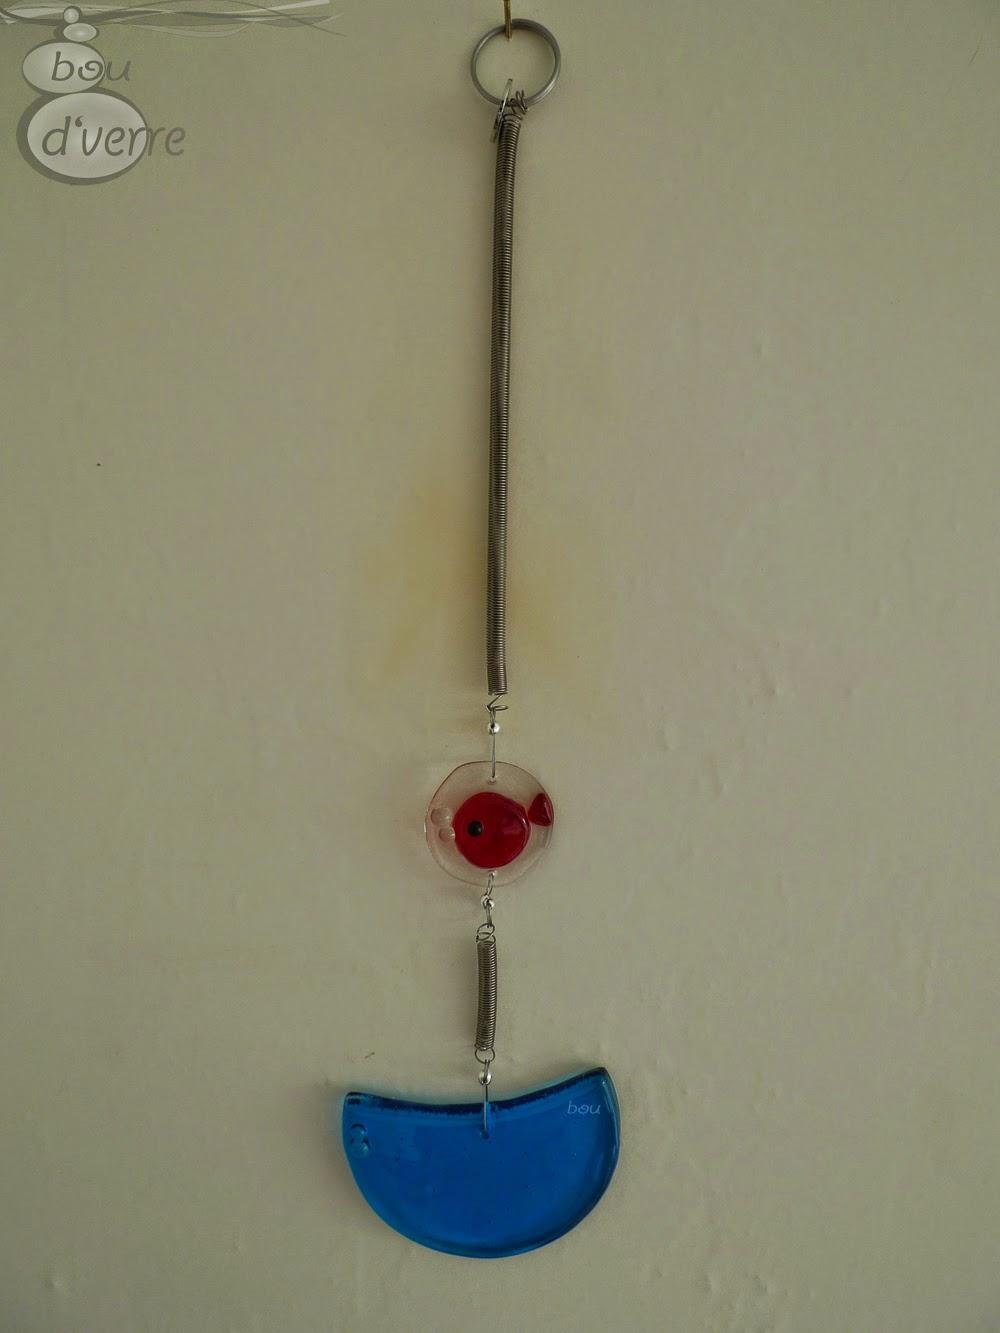 Bou d 39 verre fusing thermoformage bijoux d co arts de for Acheter poisson rouge grenoble